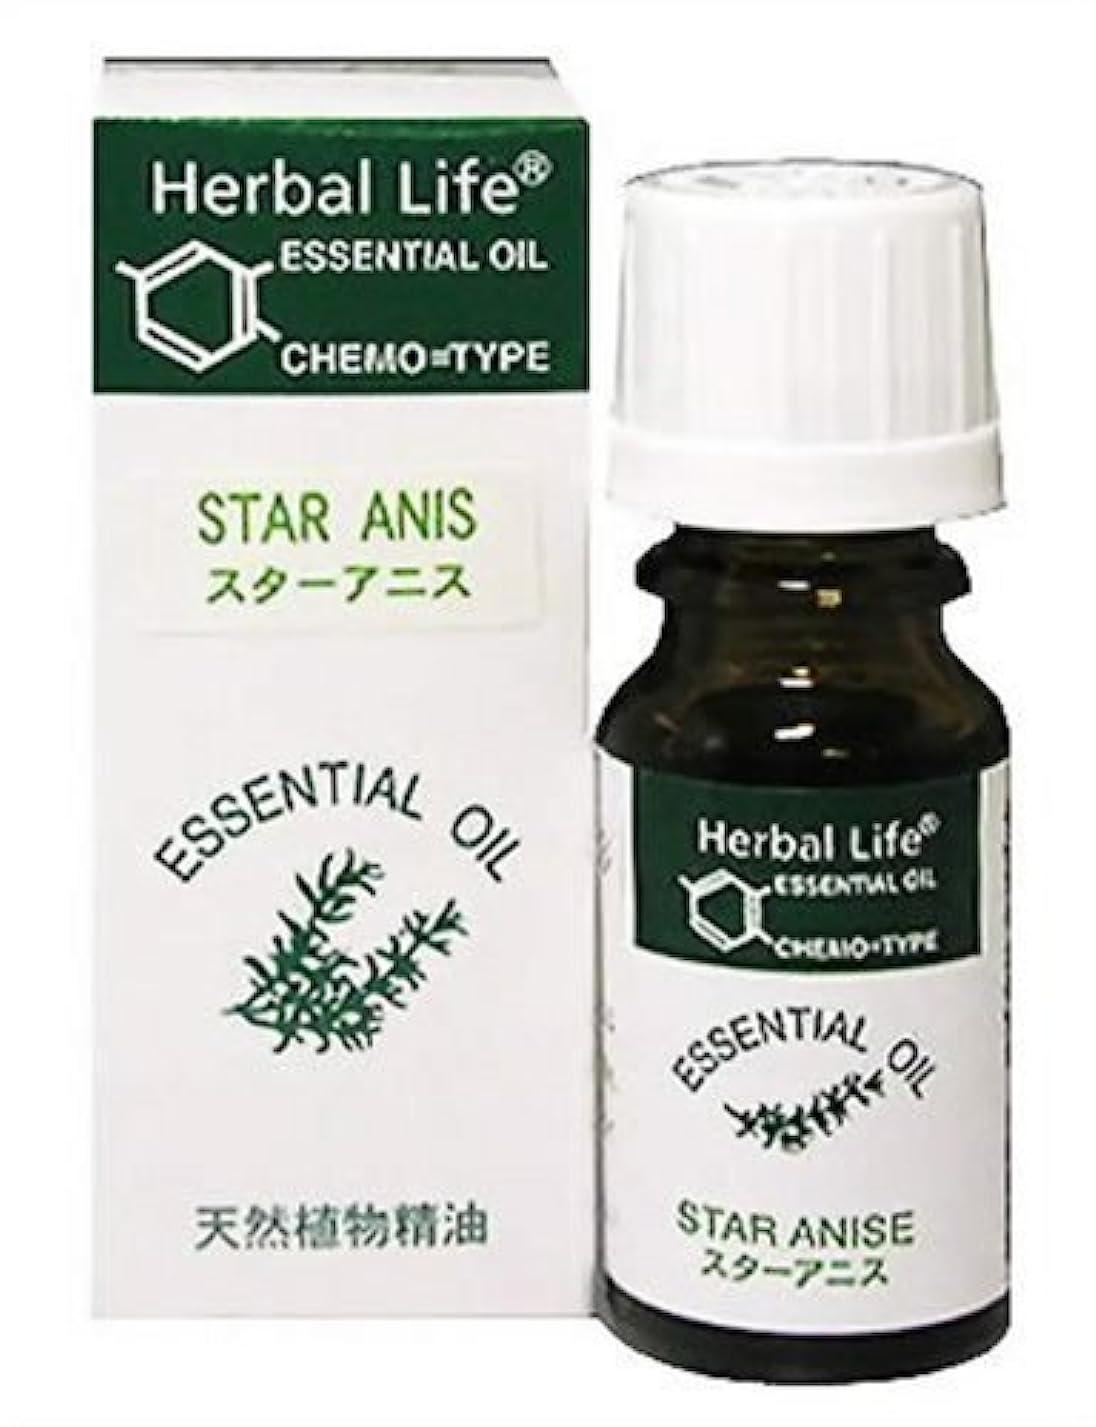 難民危険にさらされている叫び声Herbal Life スターアニス 10ml